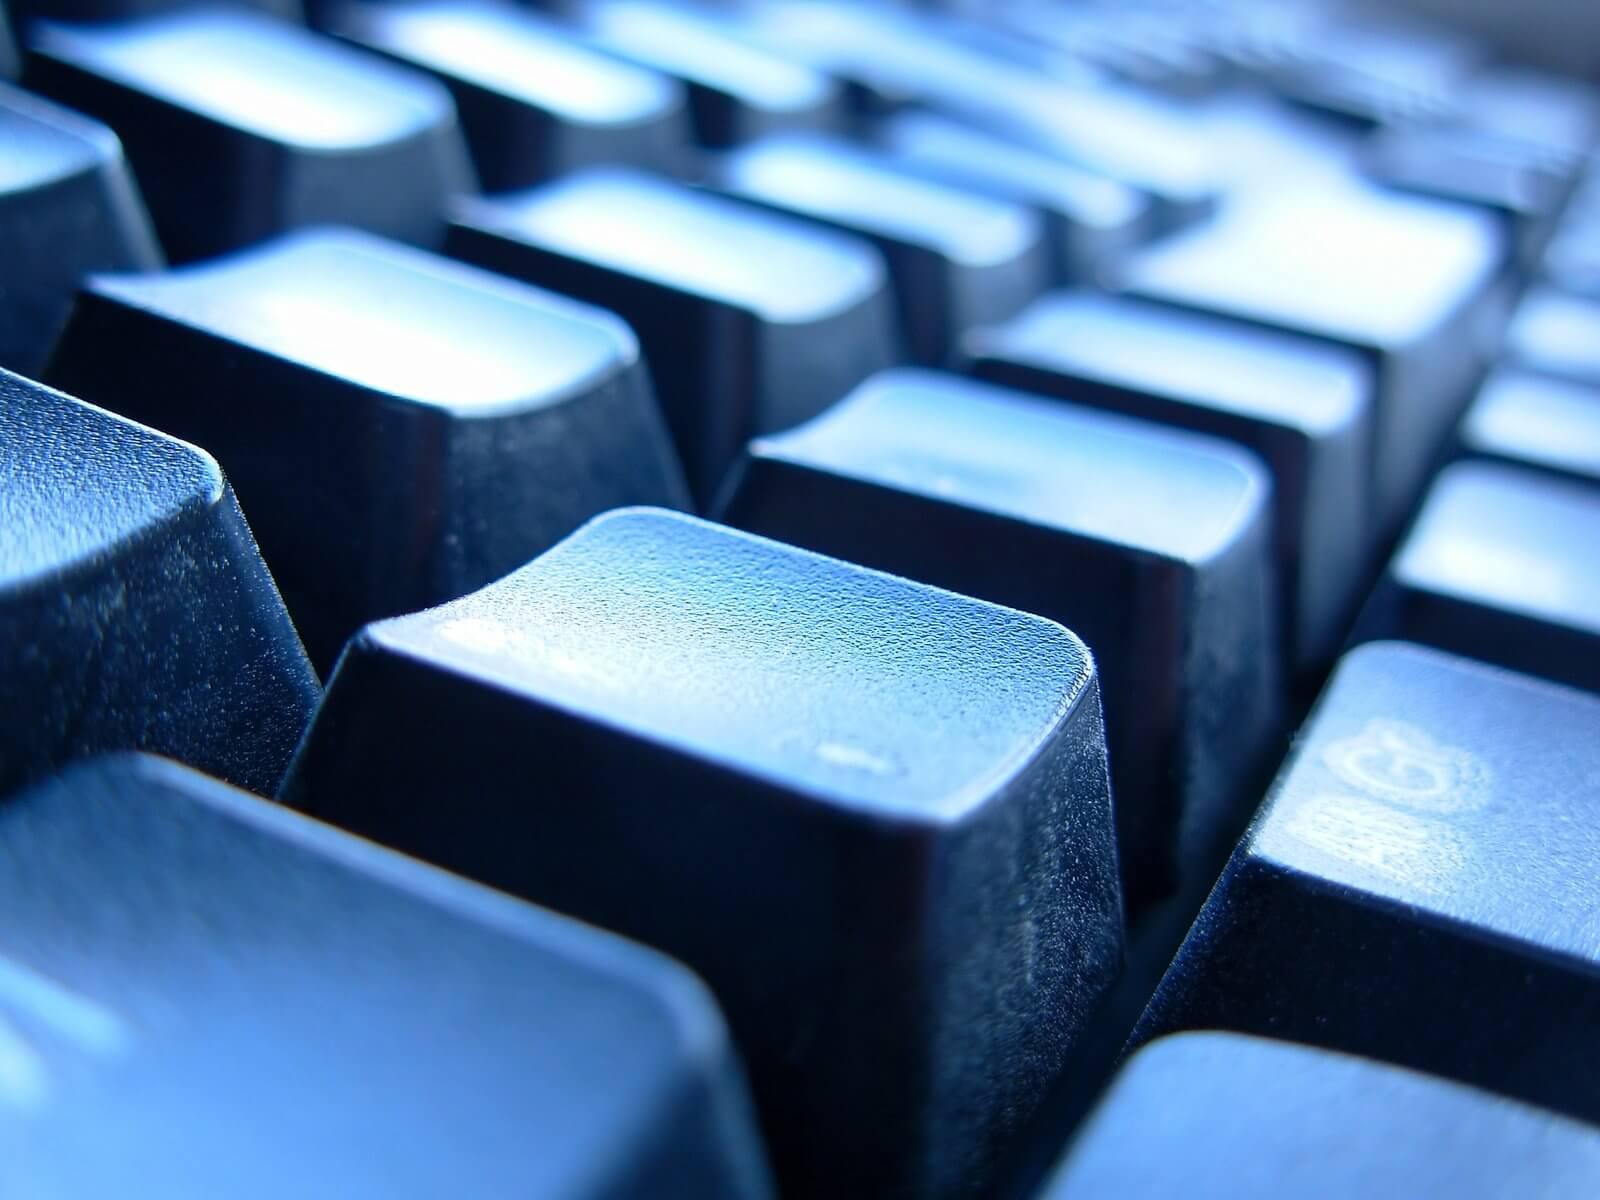 Encontrando a palavra chave perfeita para os artigos